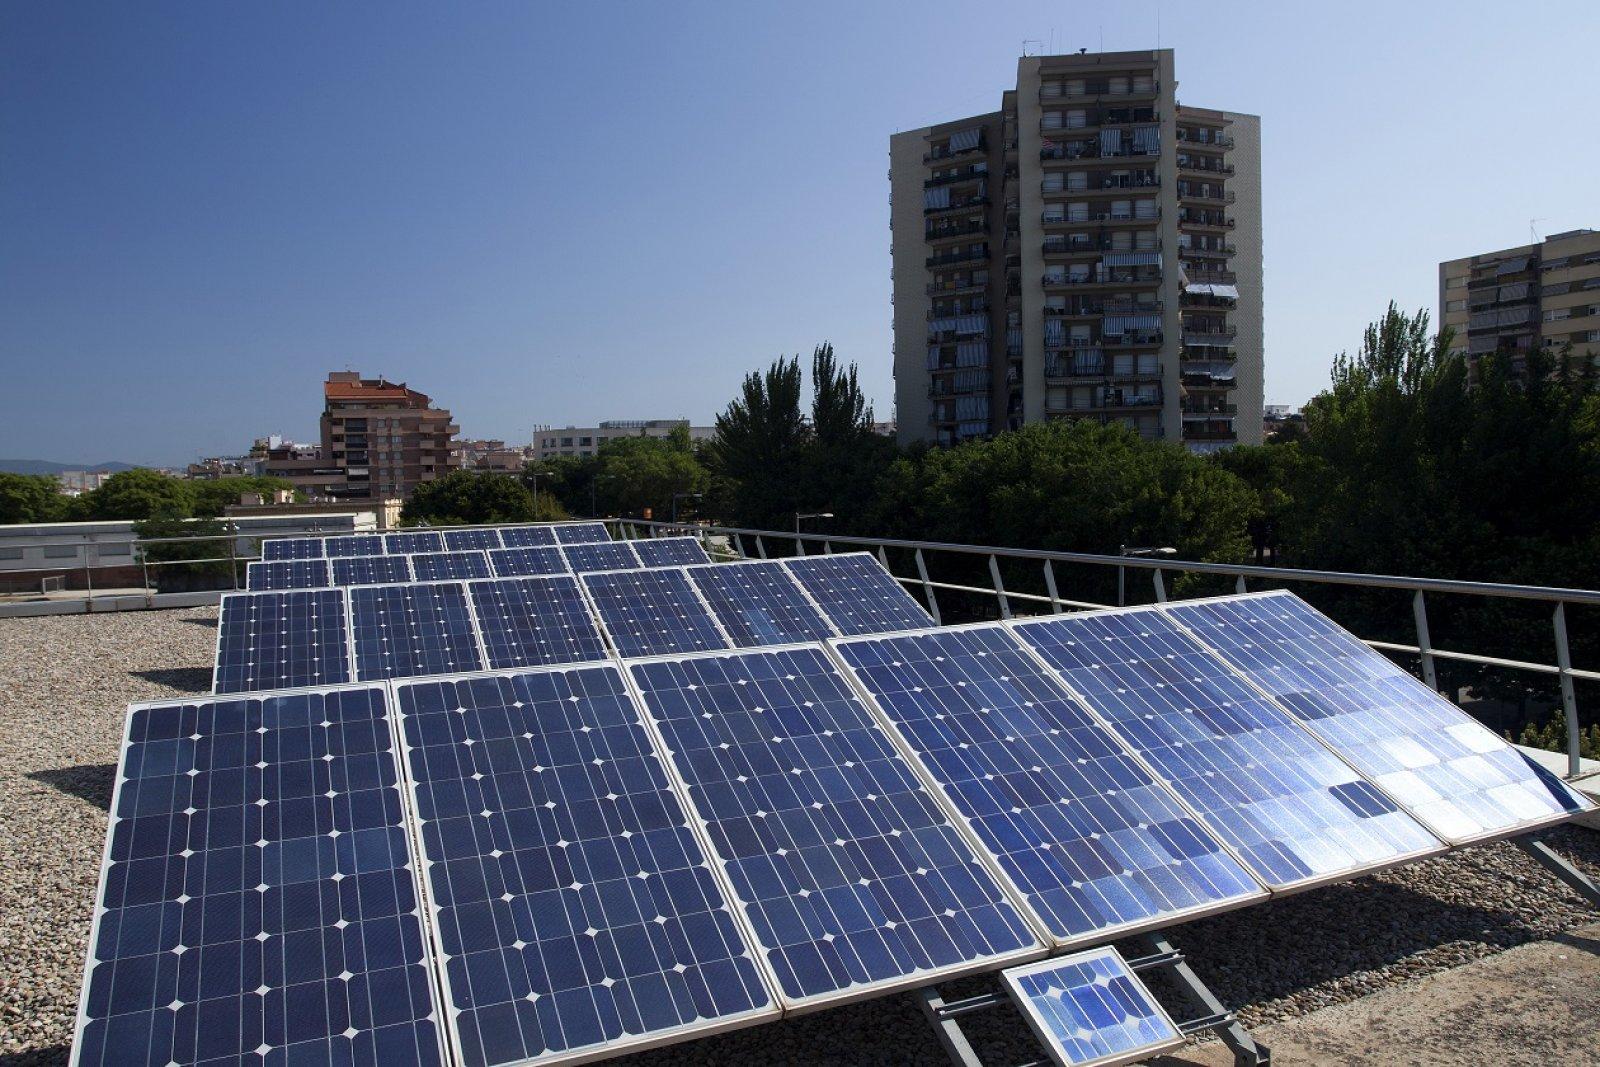 Les cases energèticament sostenibles potser no són a l'abast de tothom però, qui les pot tenir, hauria de fer-ho.